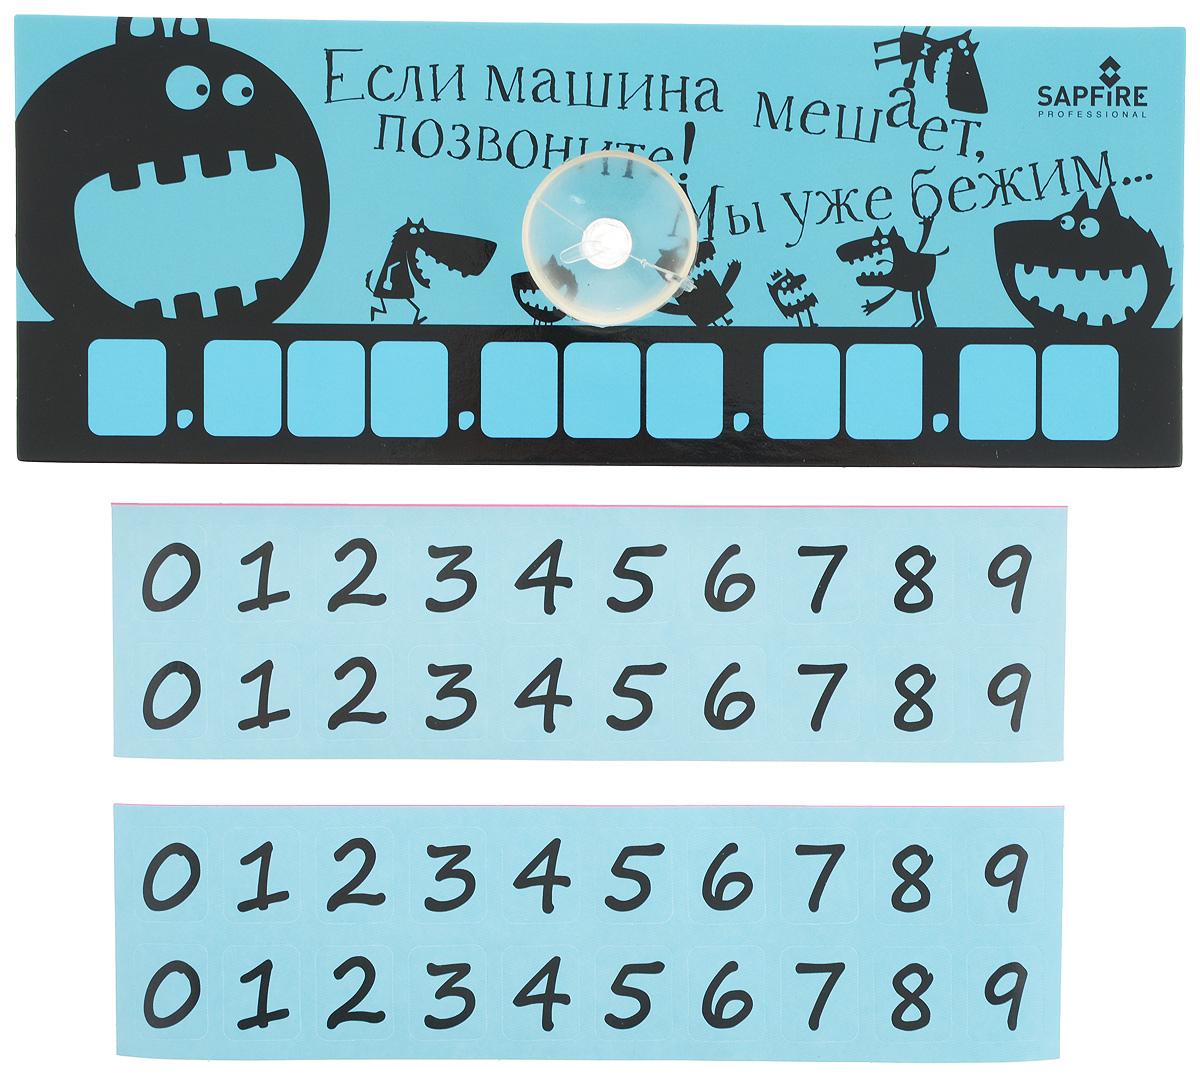 Табличка для телефонного номера на стекло Sapfire, цвет: голубой, черный, 21 х 8 см. SCH-0711SCH-0711_голубой, черныйТабличка для телефонного номера Sapfire служит для оповещения владельцев окружающих транспортных средств о способе связаться с вами, в случае, если вы их заблокировали своим автомобилем. Крепится на присоску. В комплект входят 2 набора наклеек с цифрами.